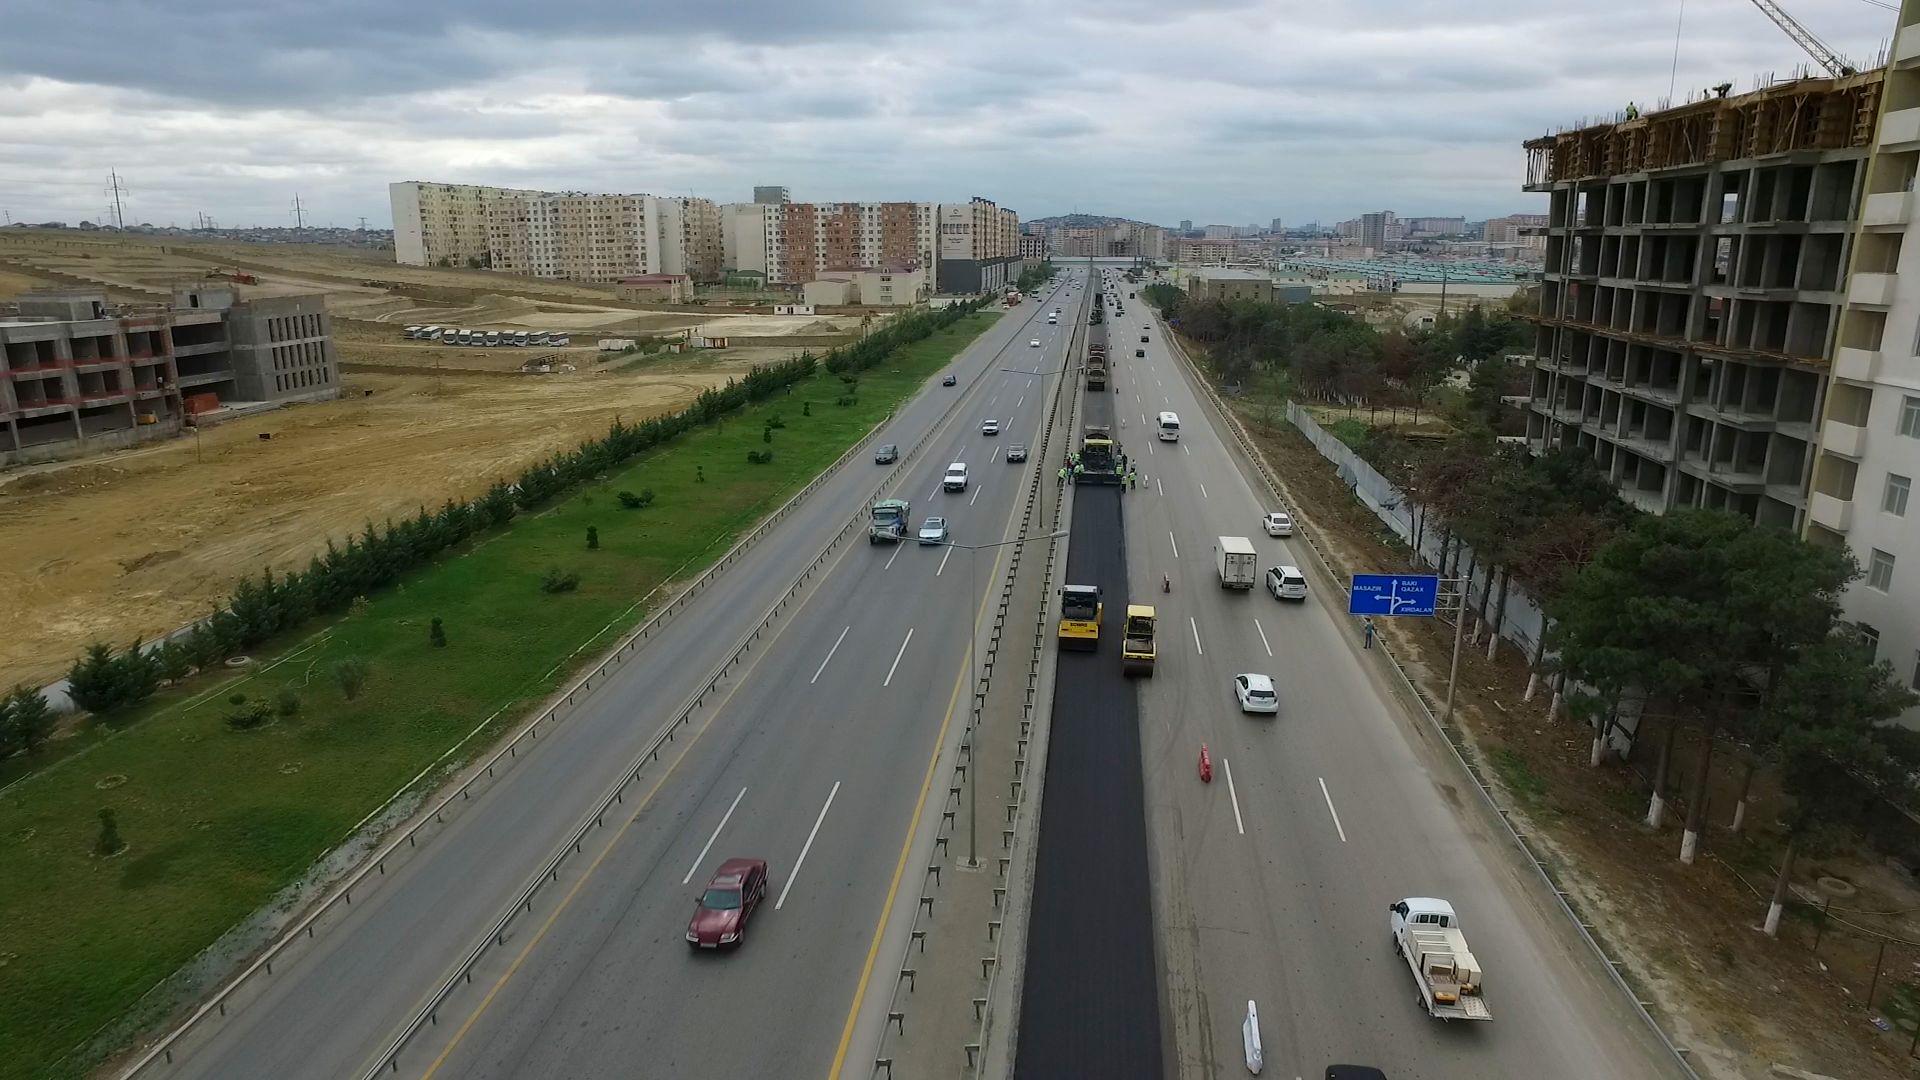 Bakı-Quba-Rusiya avtomobil yolu yenidən qurulur (FOTO)